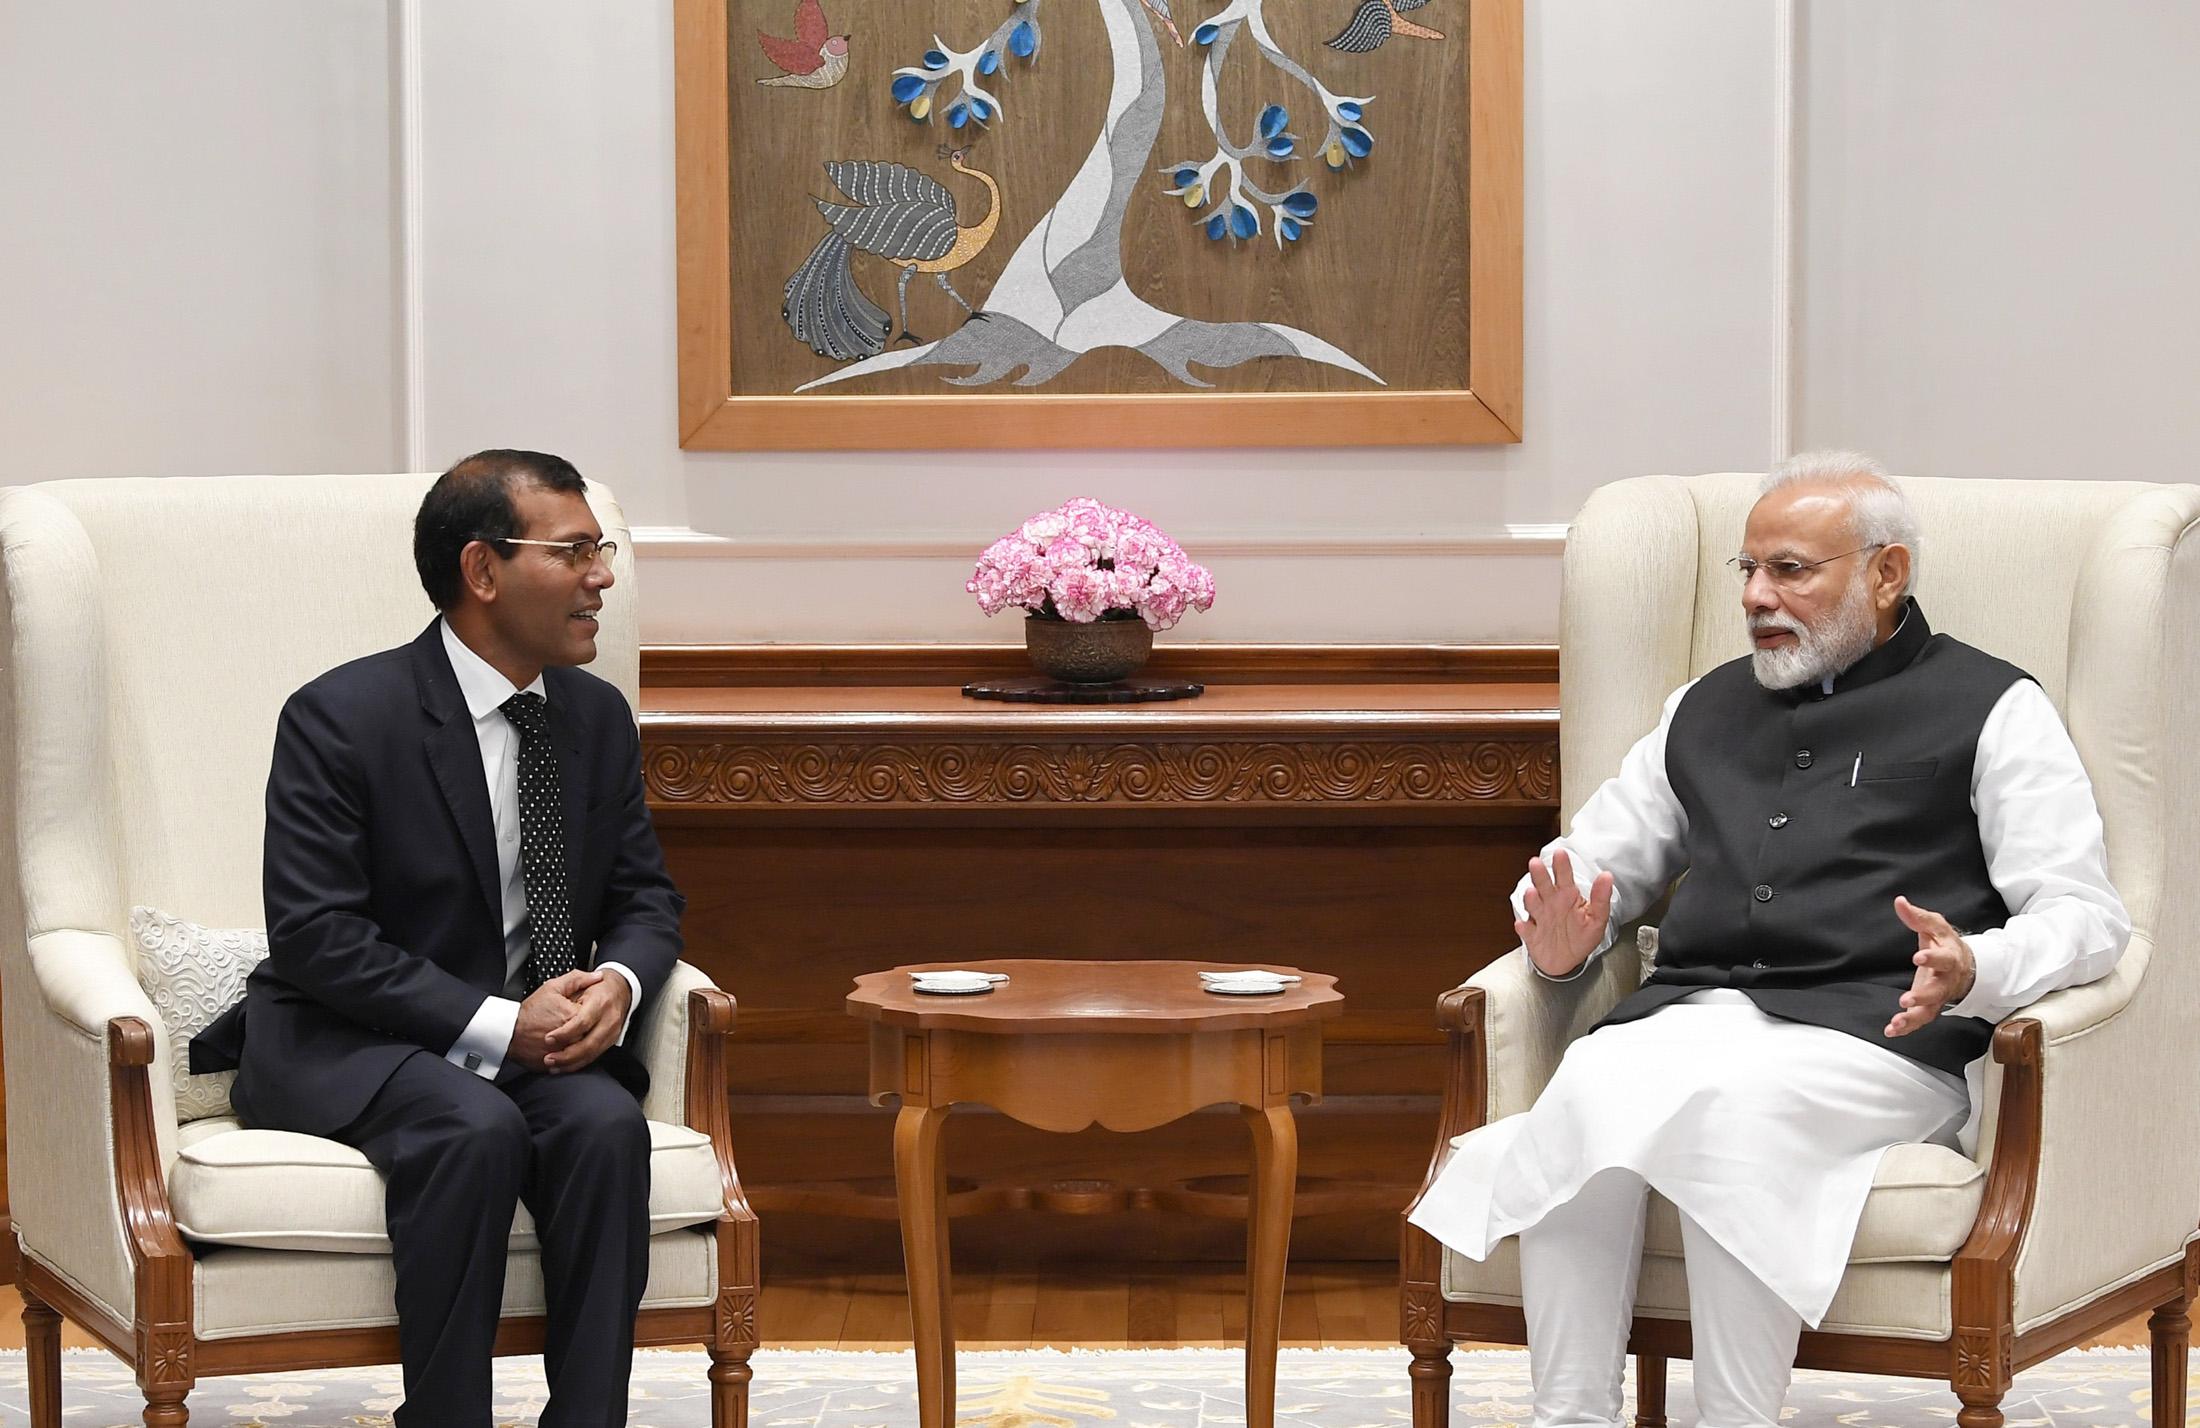 The former President of Maldives, Mohamed Nasheed meeting the Prime Minister, Shri Narendra Modi, in New Delhi on February 15, 2019.